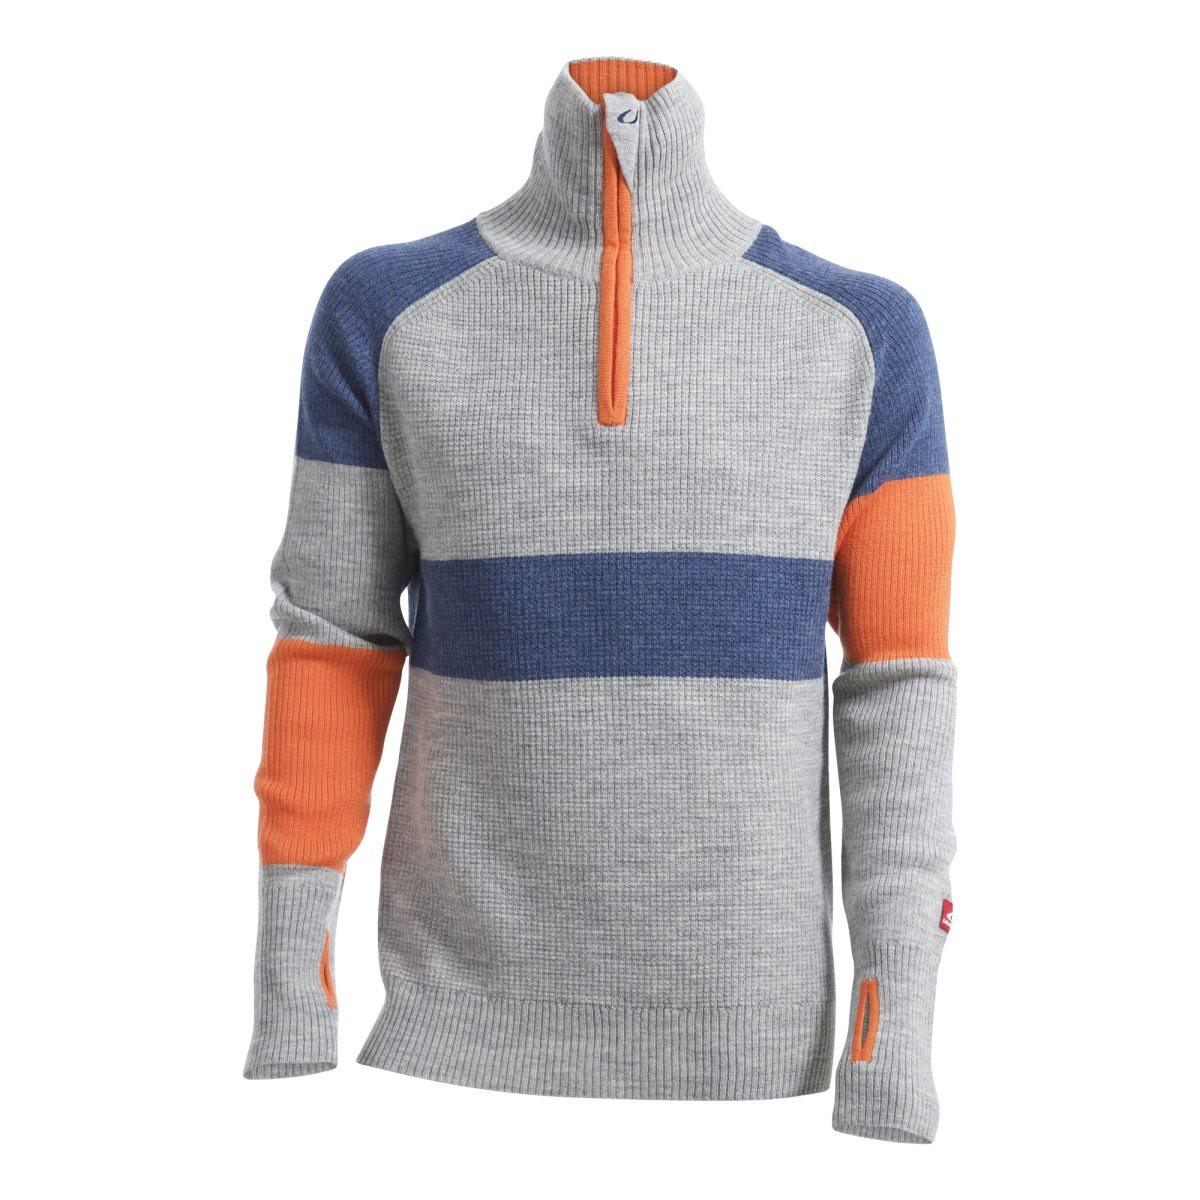 2a5a23b1 Ulvang Rav Limited Sweater w/Zip Men's Grey Melange/Navy Melange/Coral Rose